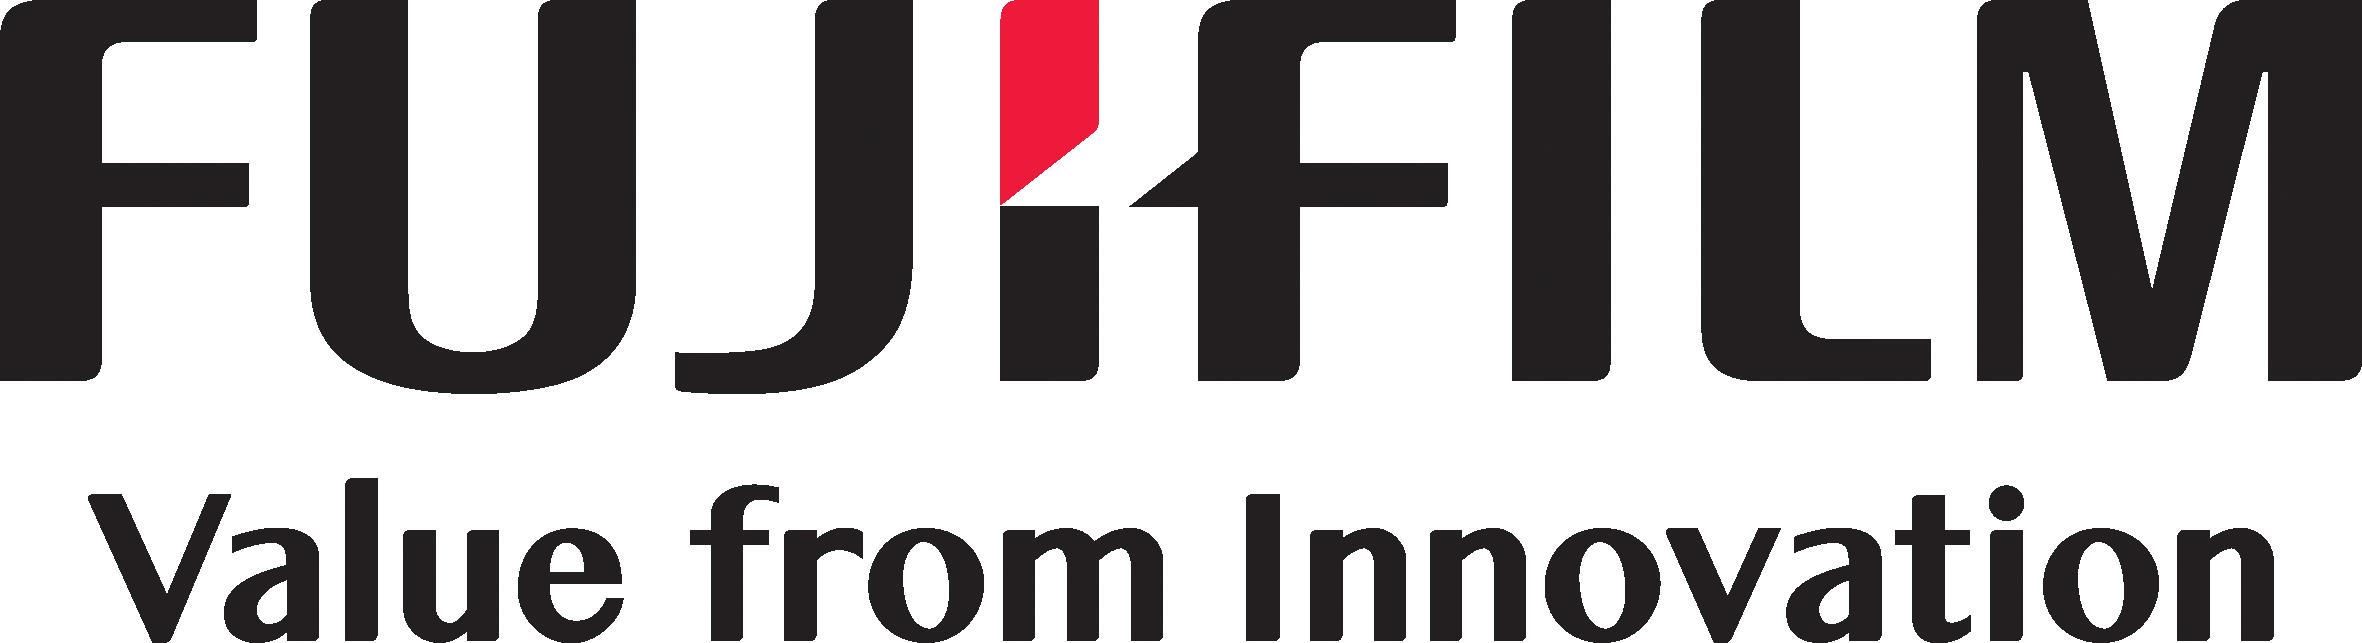 FUJIFILM_Slogan(1)-1.png